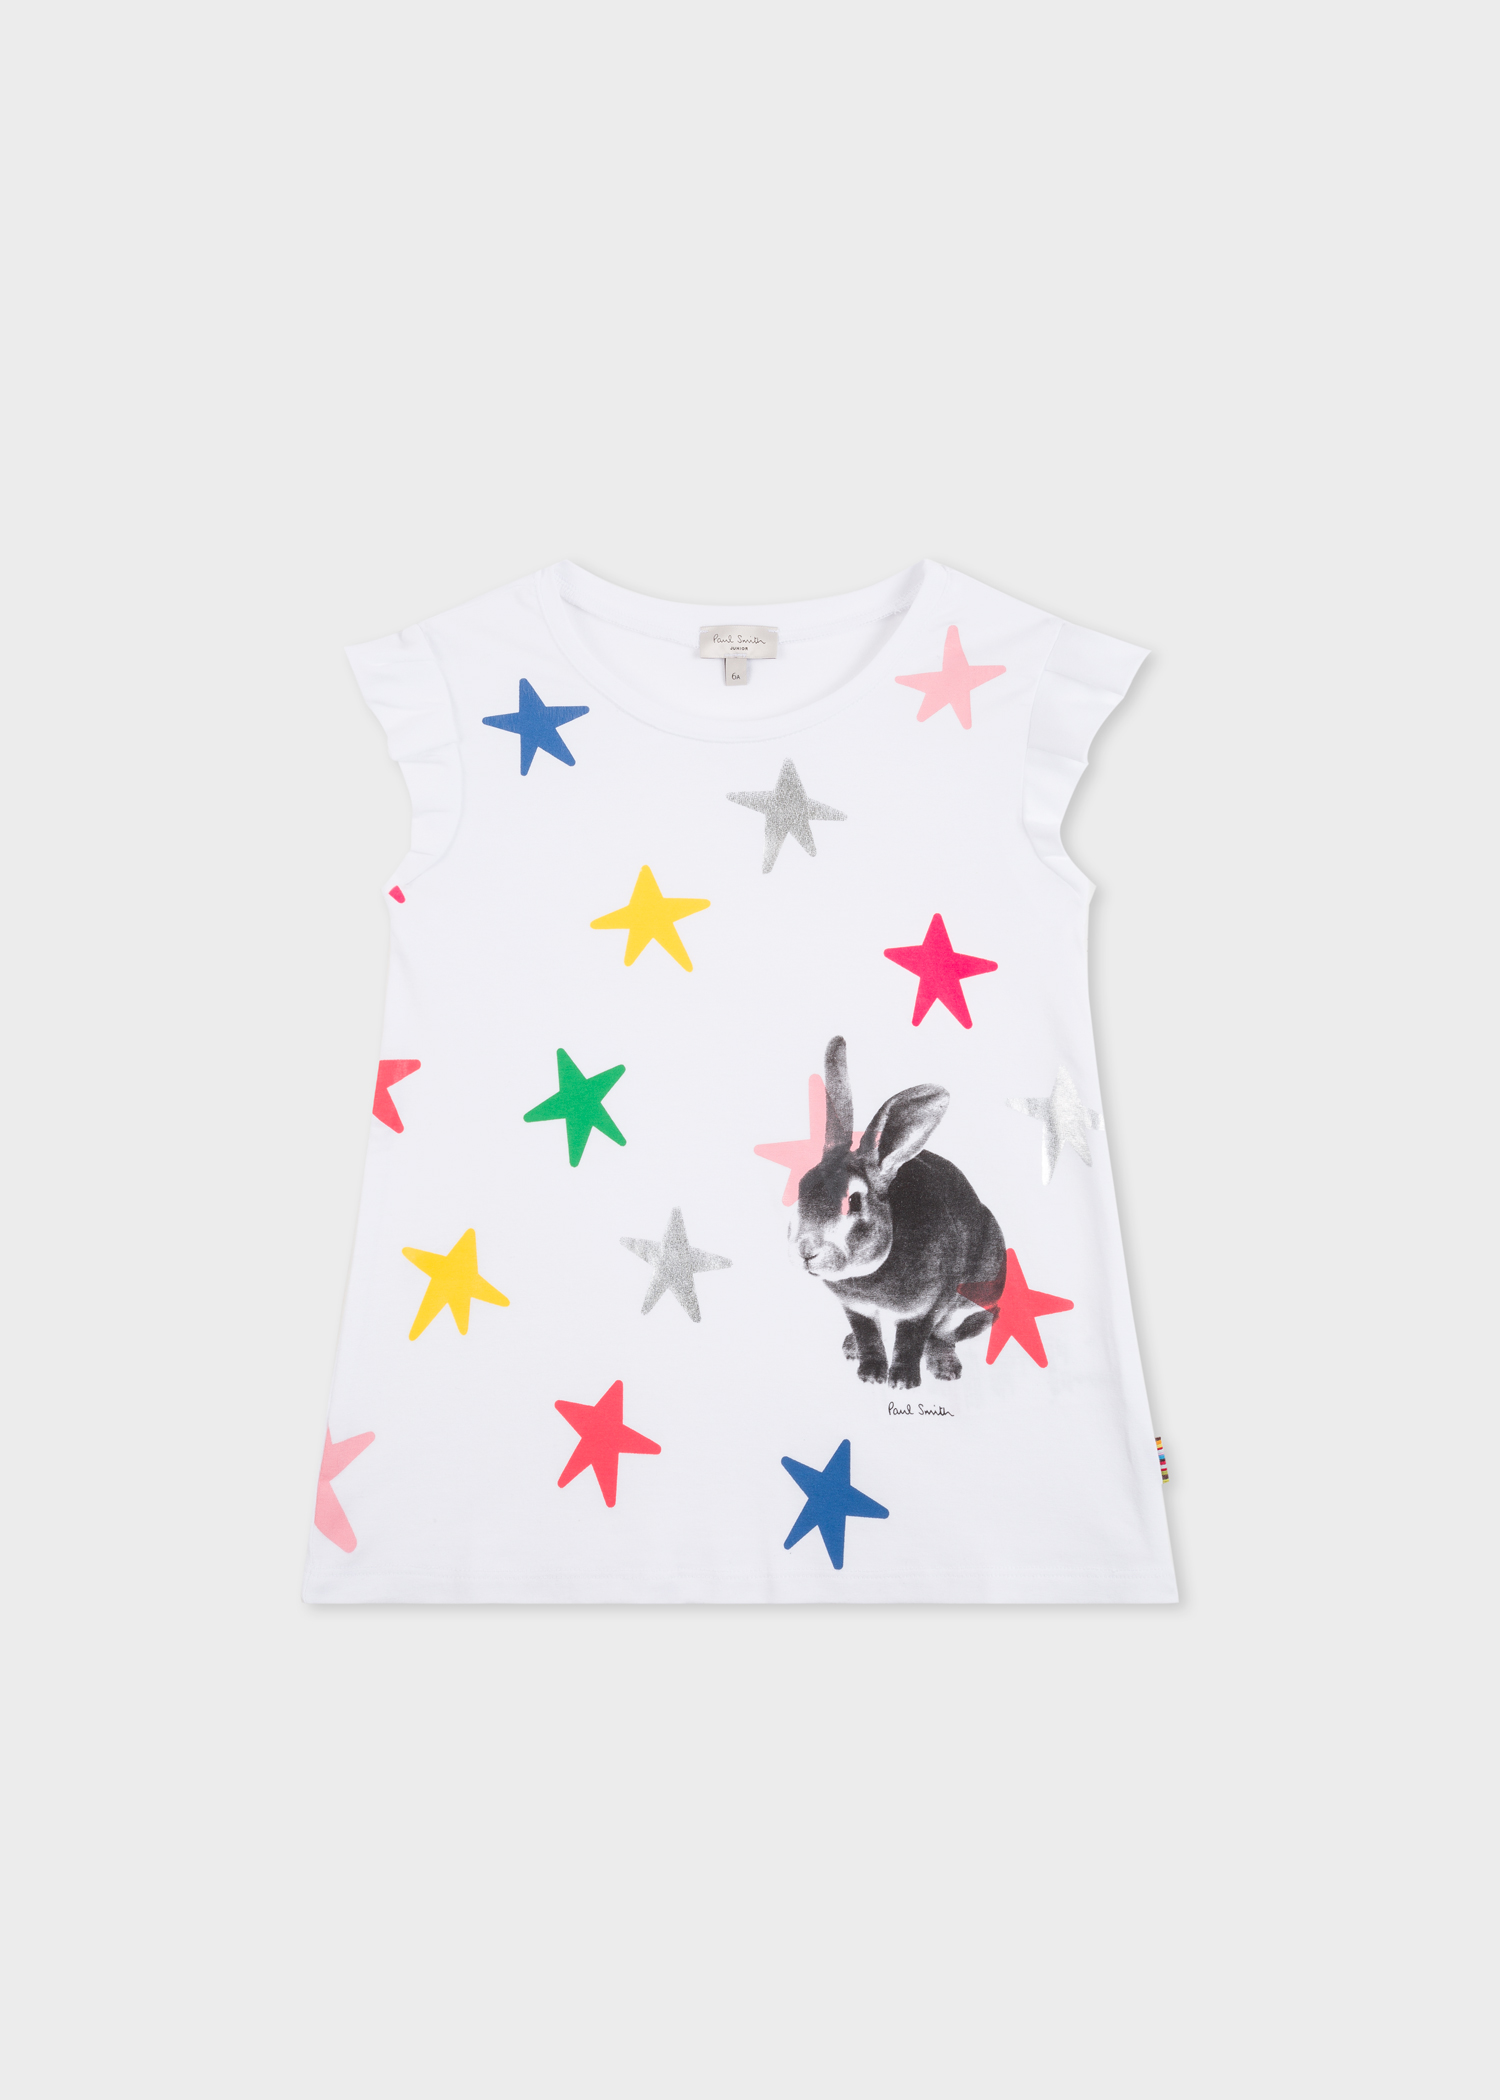 324e029b Girls' 2-6 Years White 'Rabbit & Stars' Print T-Shirt - Paul Smith ...